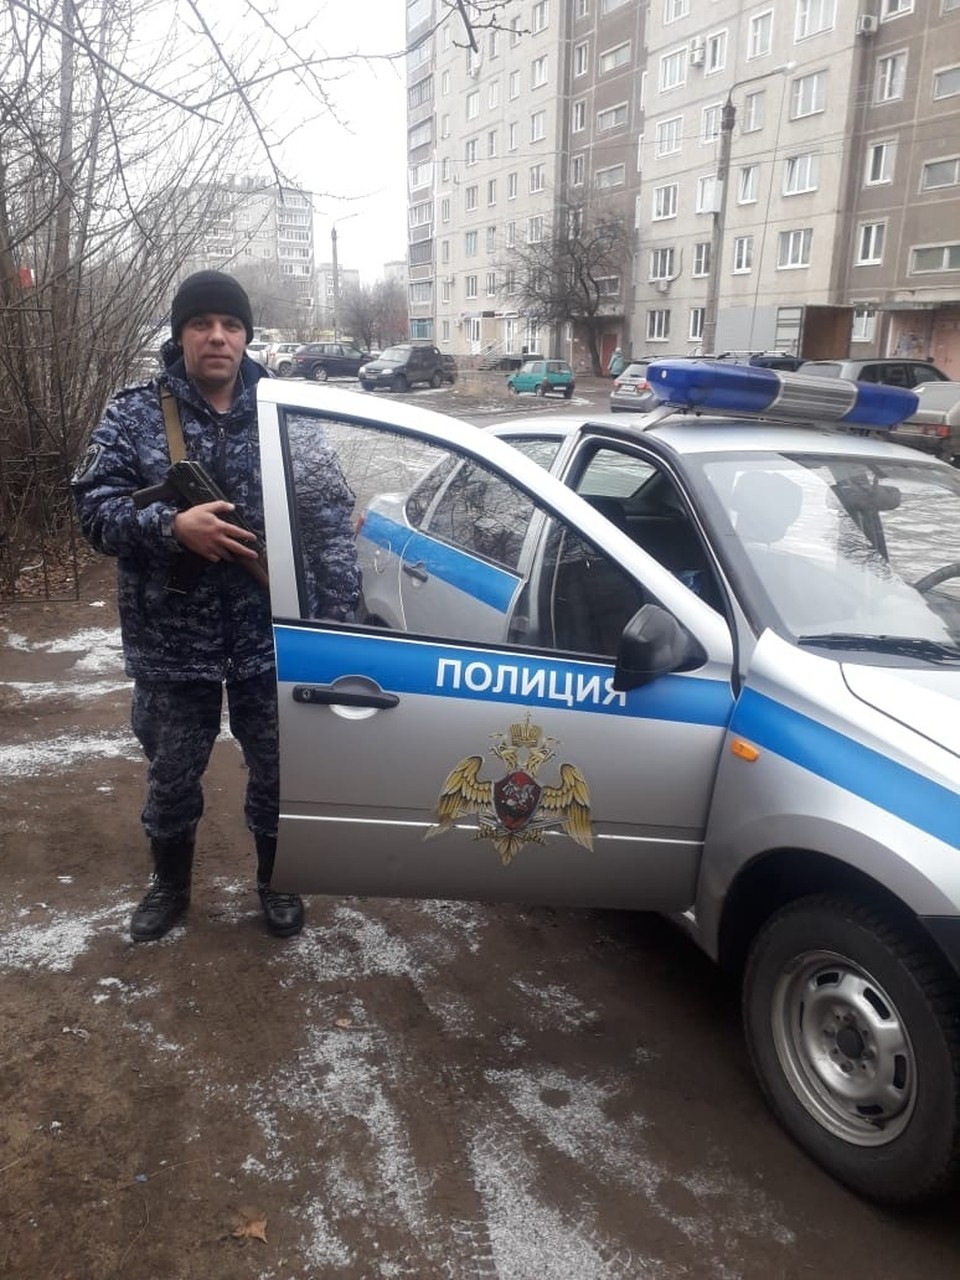 фото предоставлено пресс-службой управления Росгвардии по Воронежской области